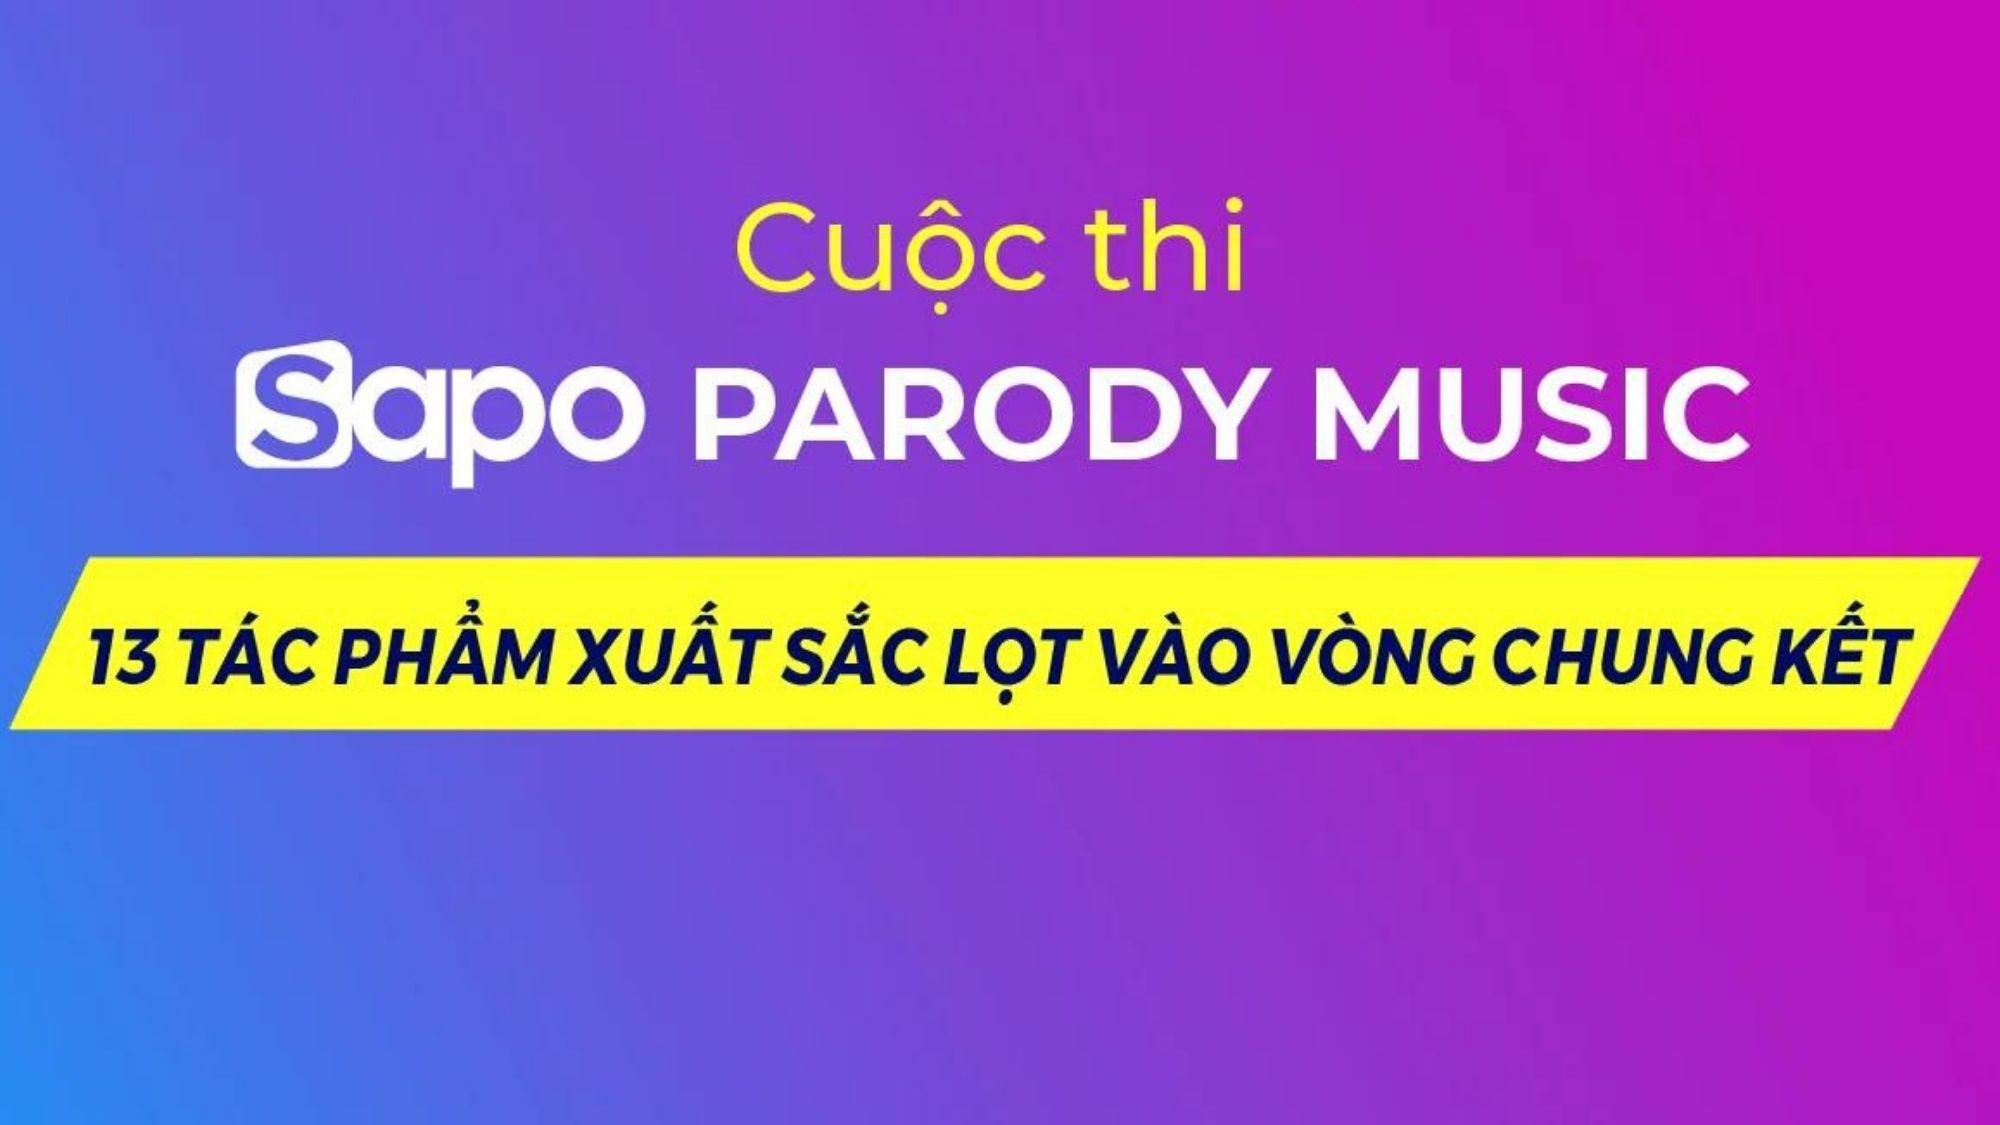 Sapo Parody Music: 13 tác phẩm xuất sắc lọt vào vòng chung kết & những lưu ý quan trọng